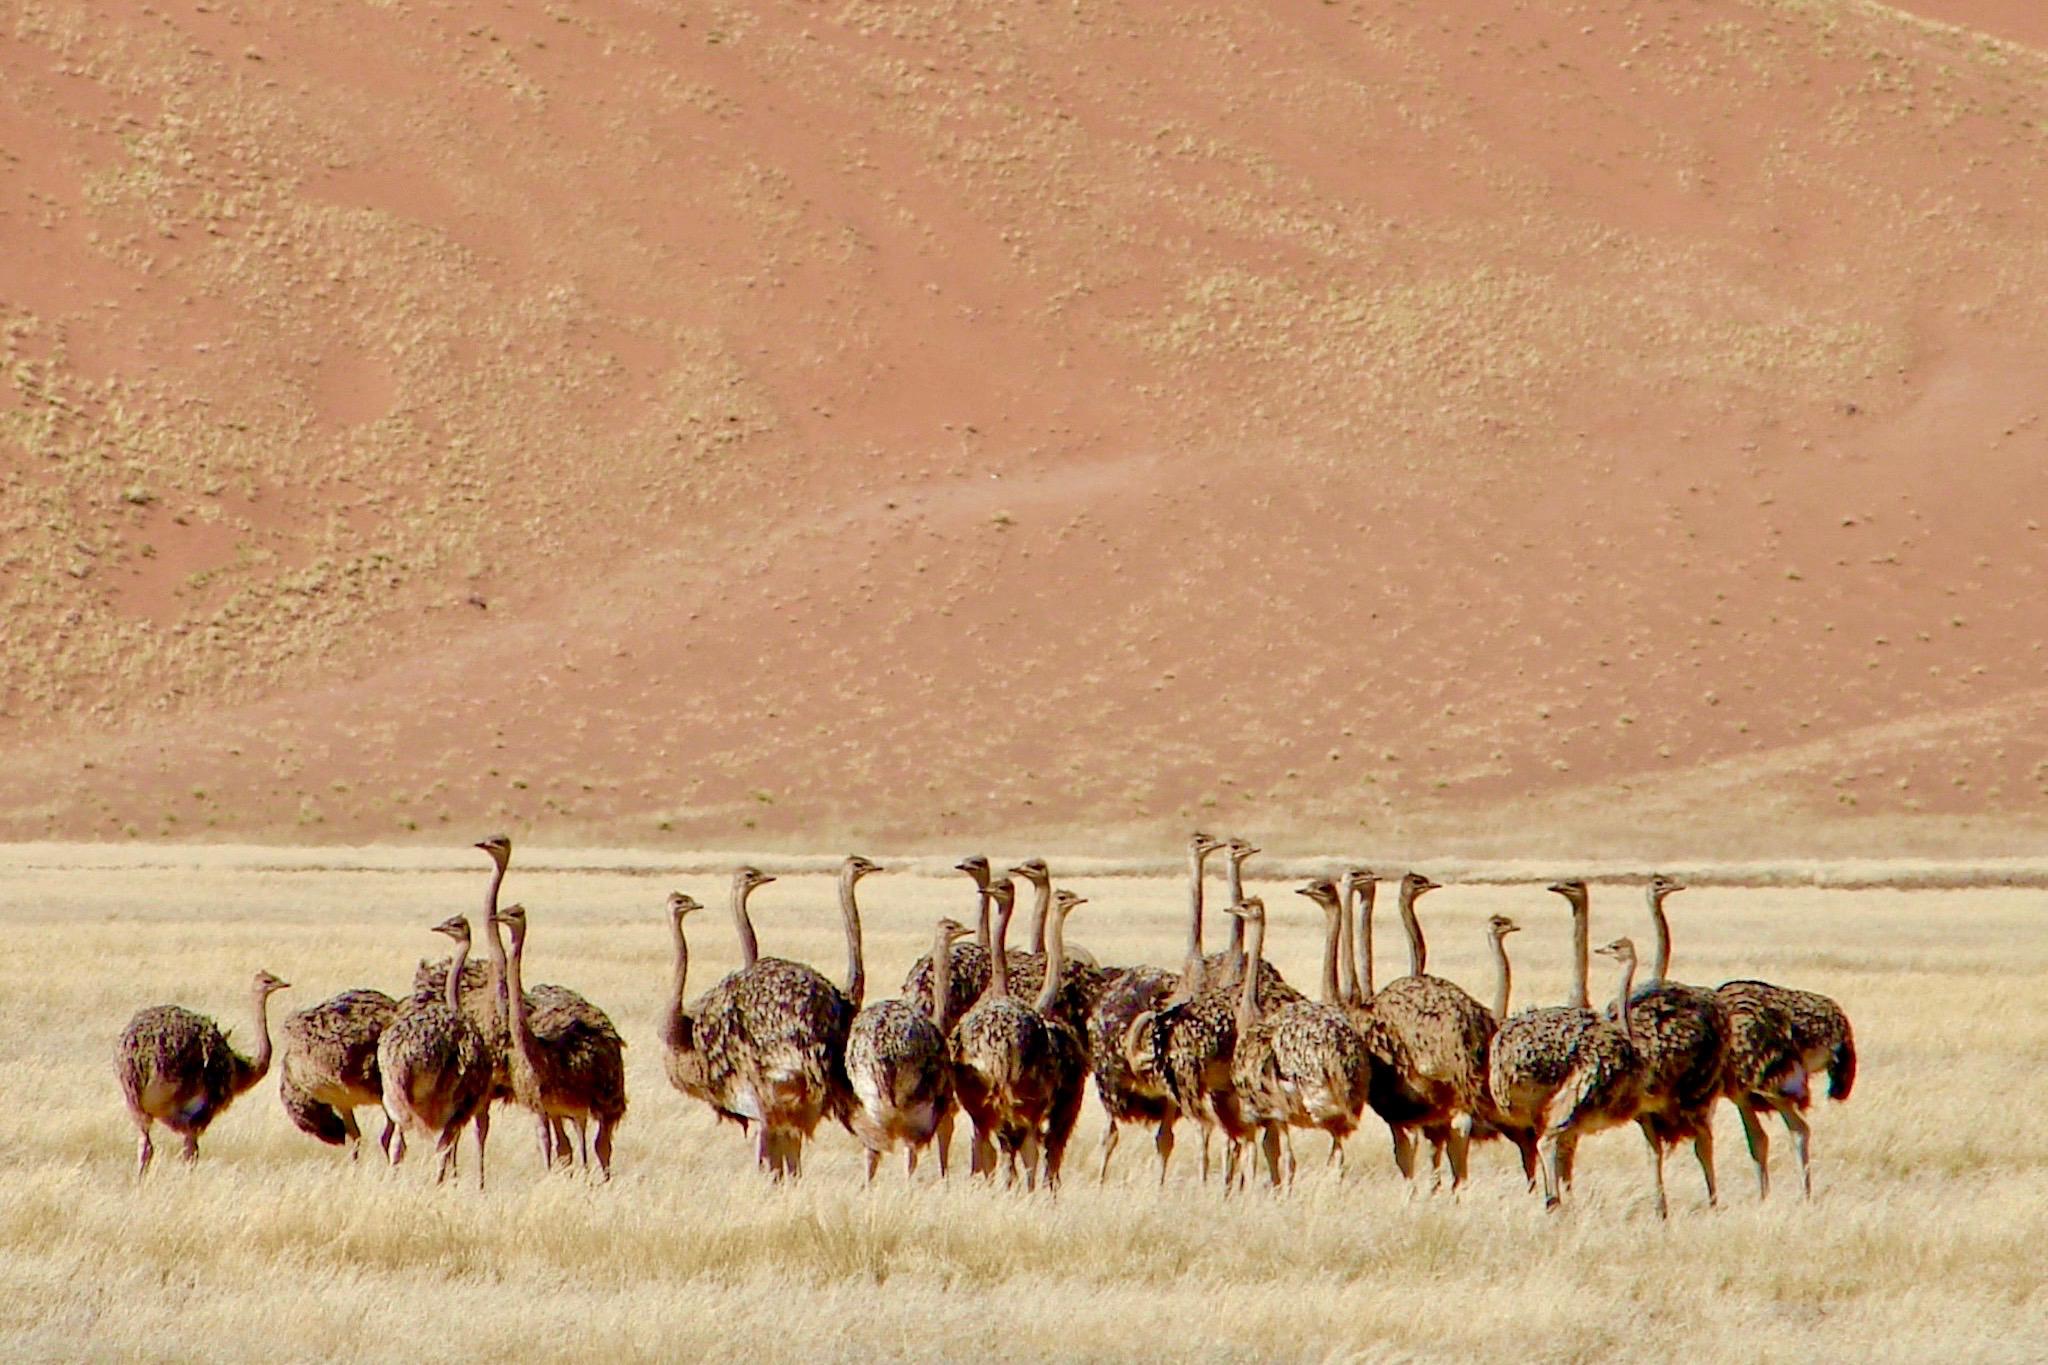 Vogelstraußherde in der Namib